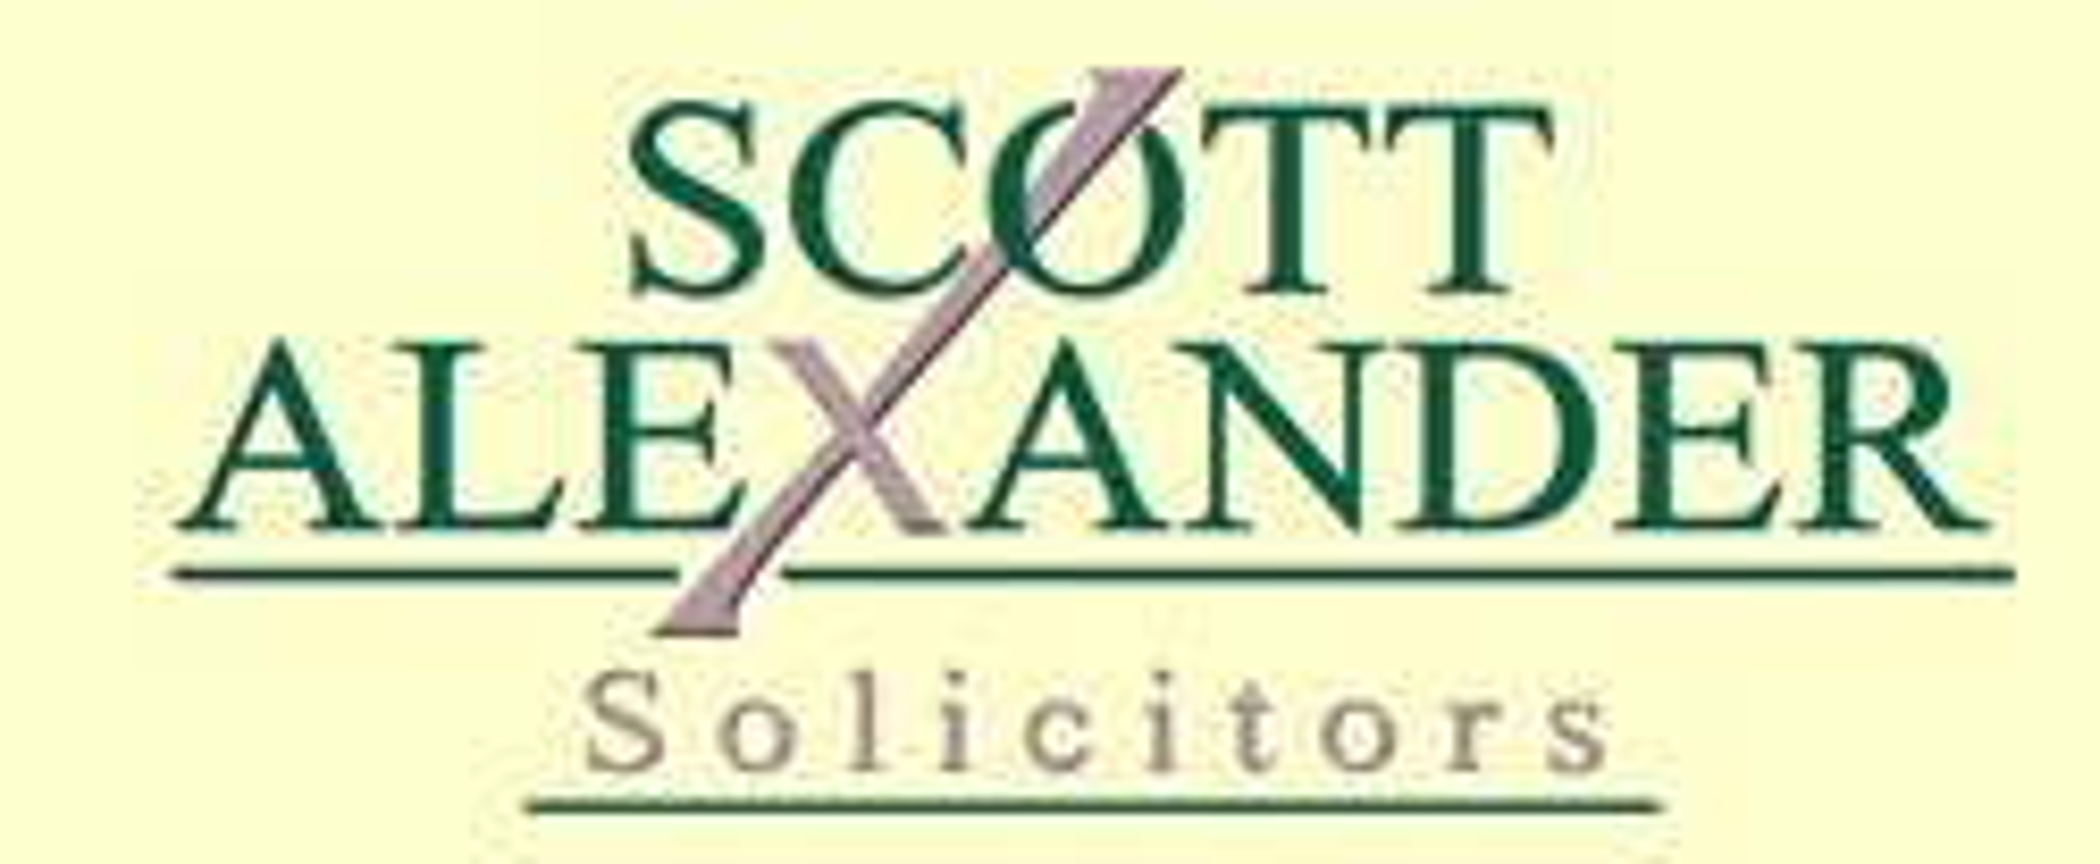 Scott Alexander